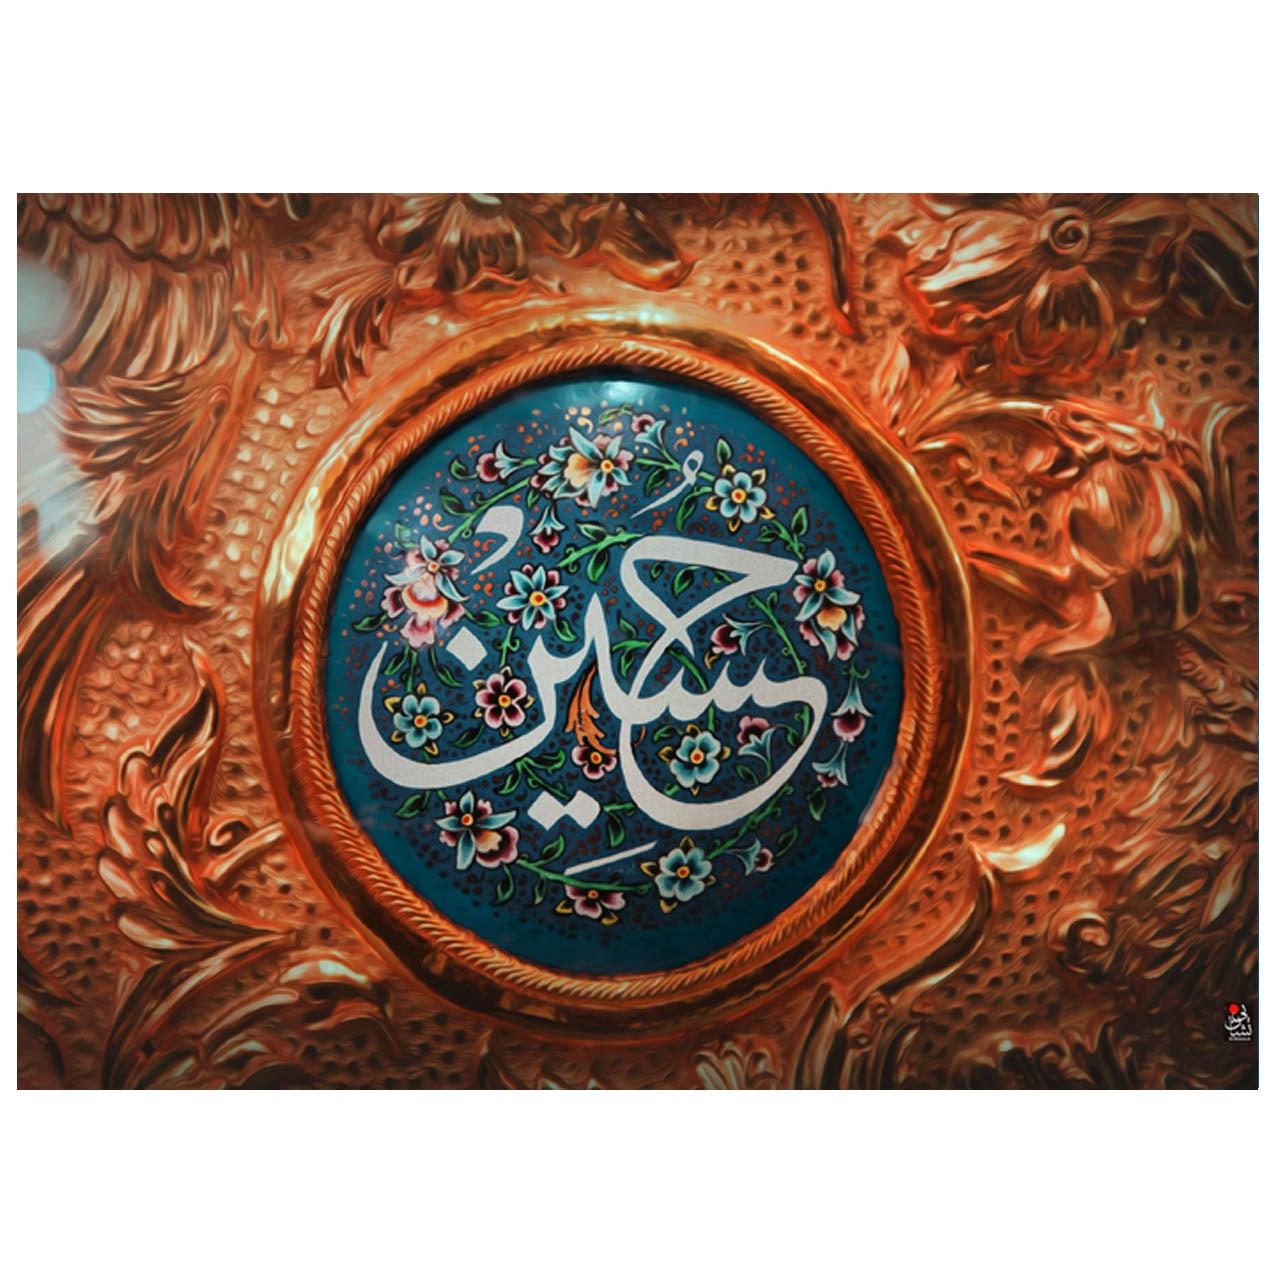 تابلوی گرافیتی طرح امام حسین (ع) 1 سایز 13x18 سانتی متر